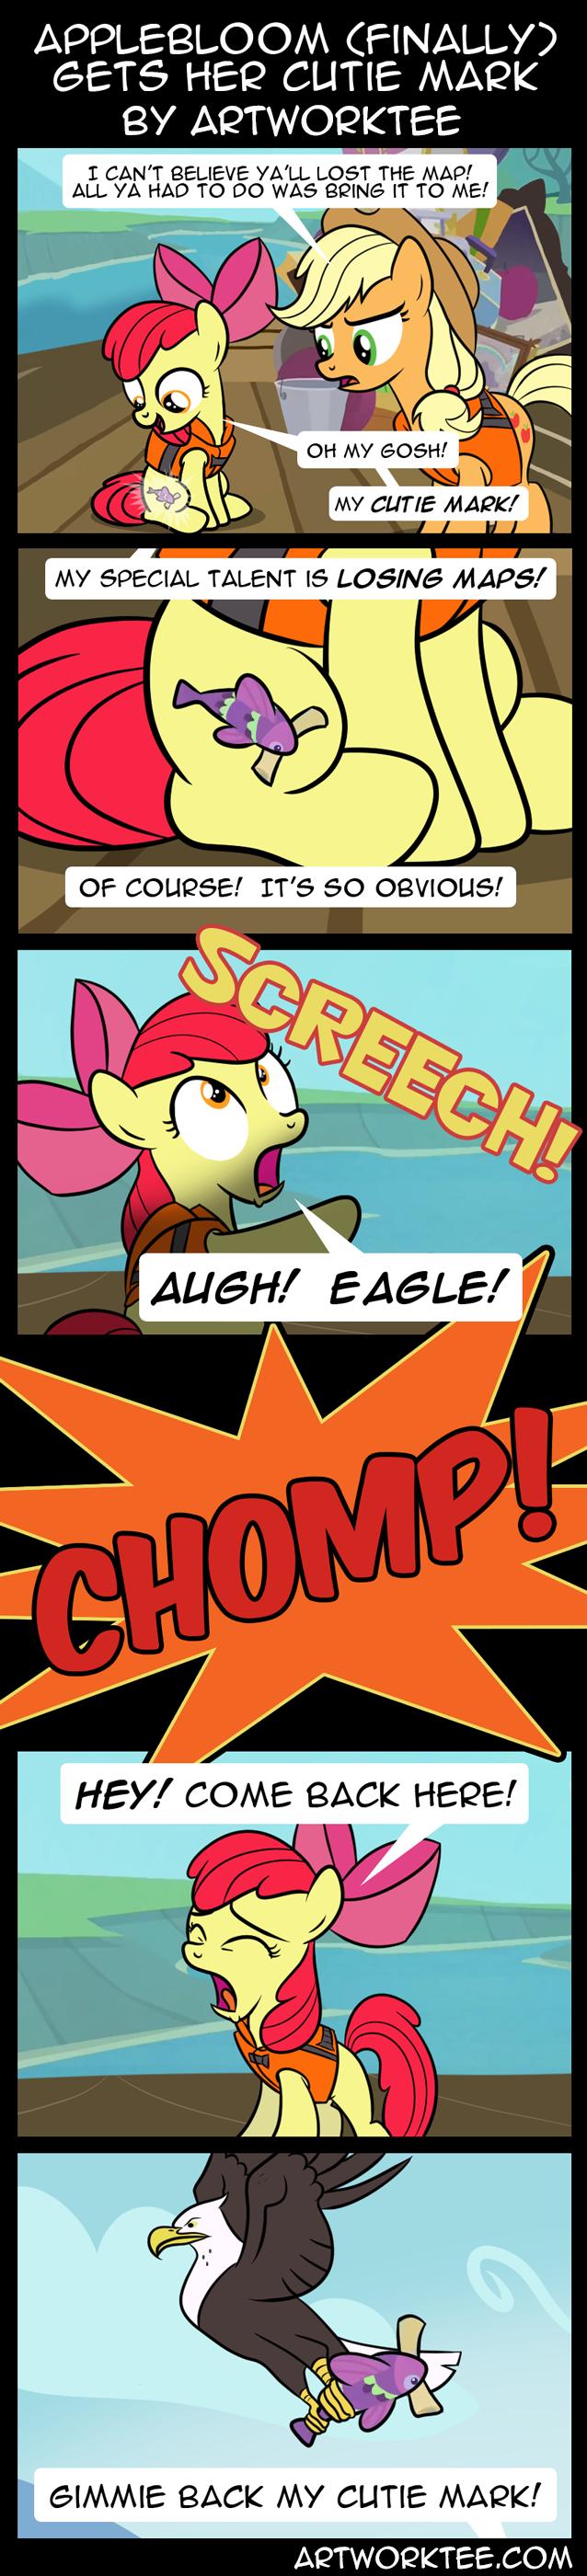 Comic: Applebloom (Finally) Gets Her Cutie Mark